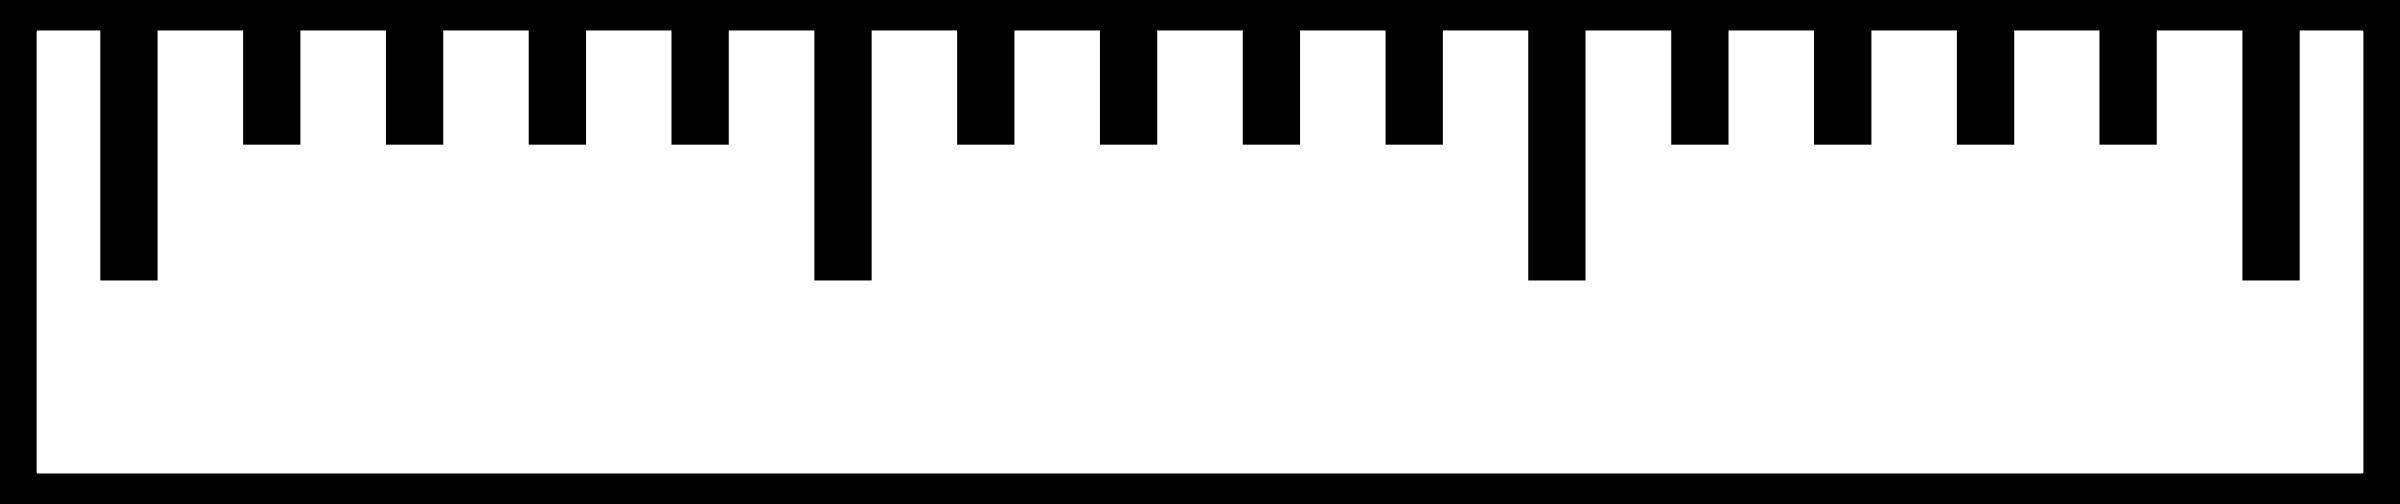 measure ruler clipart - Measurement PNG Ruler